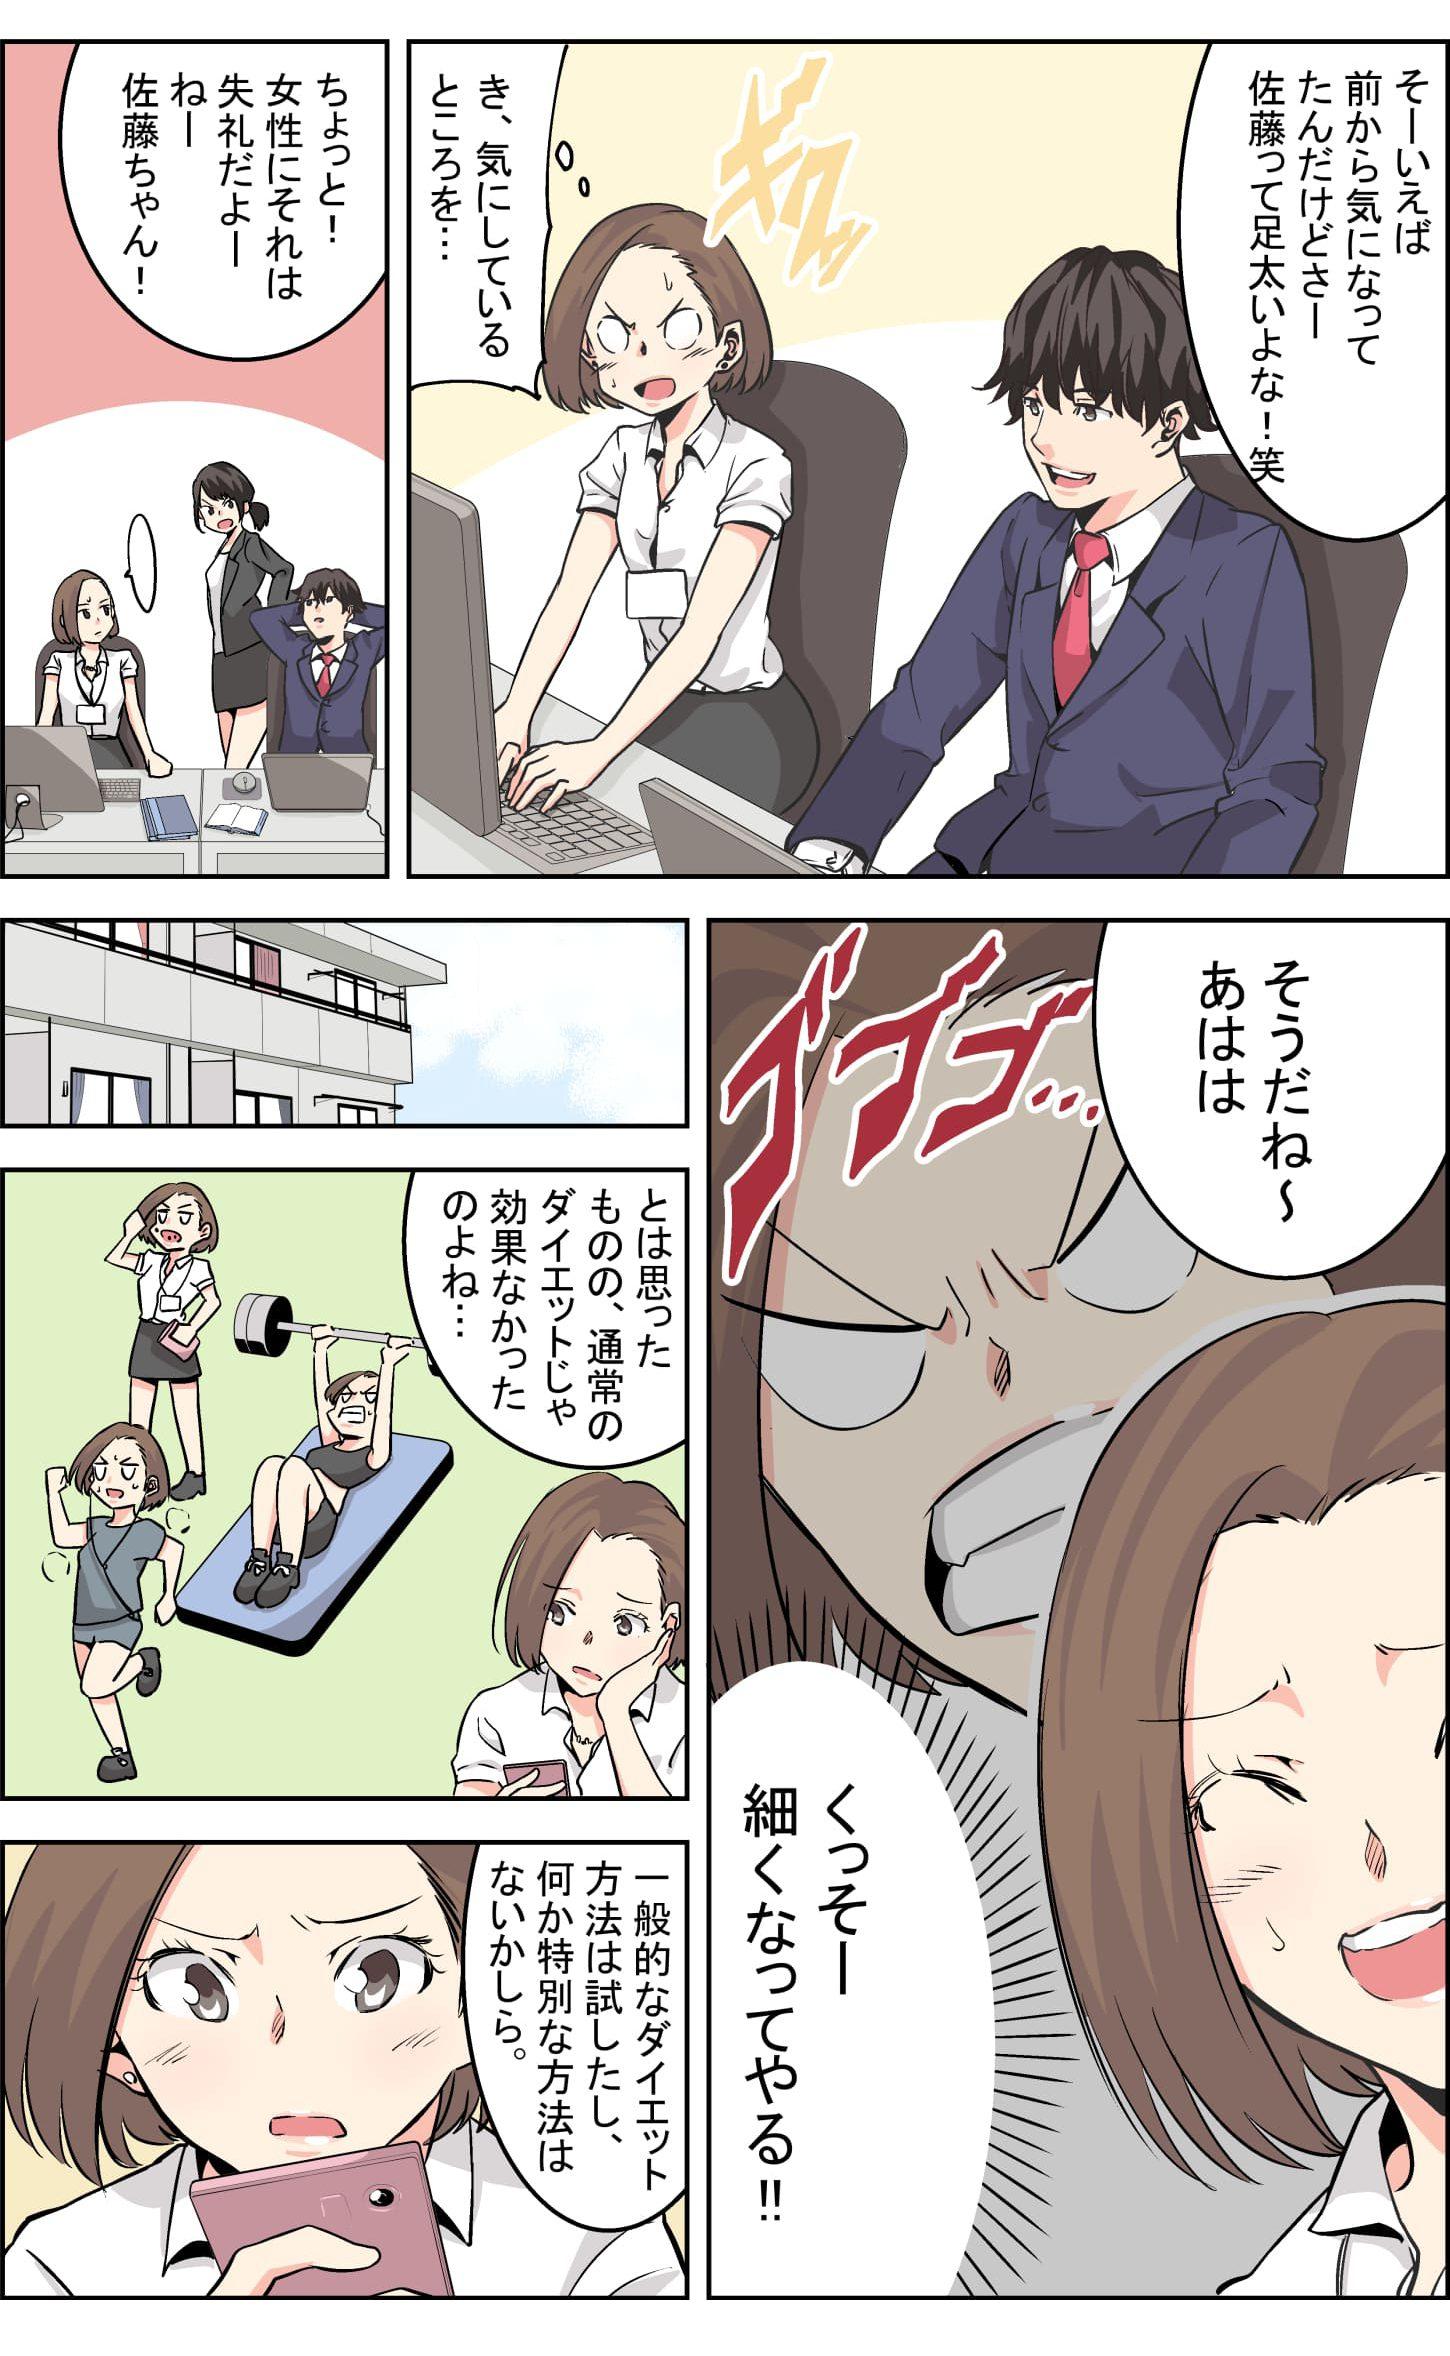 シンデレラウォーク(ストッキング)紹介マンガ掲載サンプル1